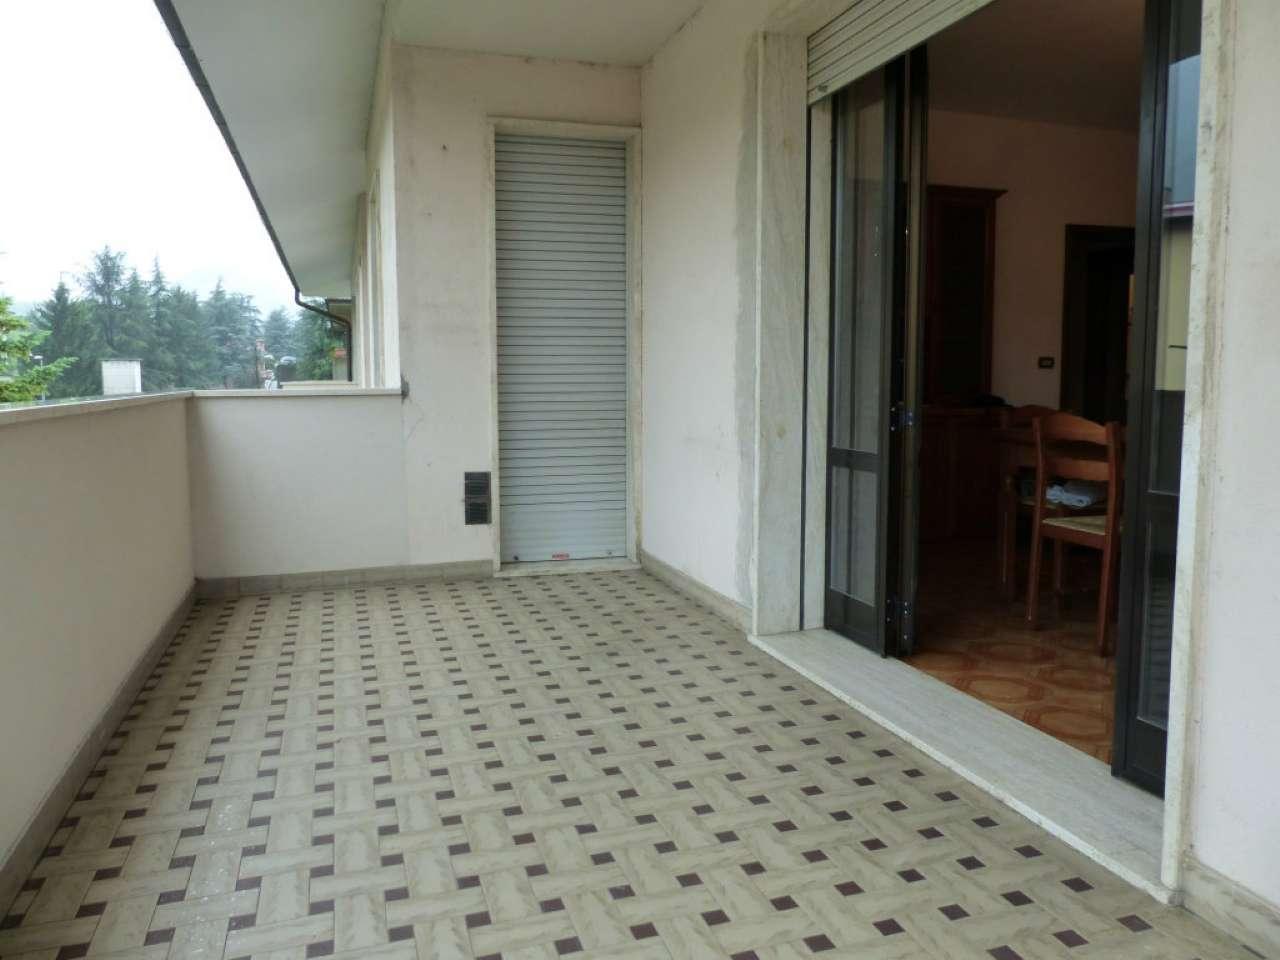 Appartamento in vendita a Marzabotto, 4 locali, prezzo € 94.000 | PortaleAgenzieImmobiliari.it